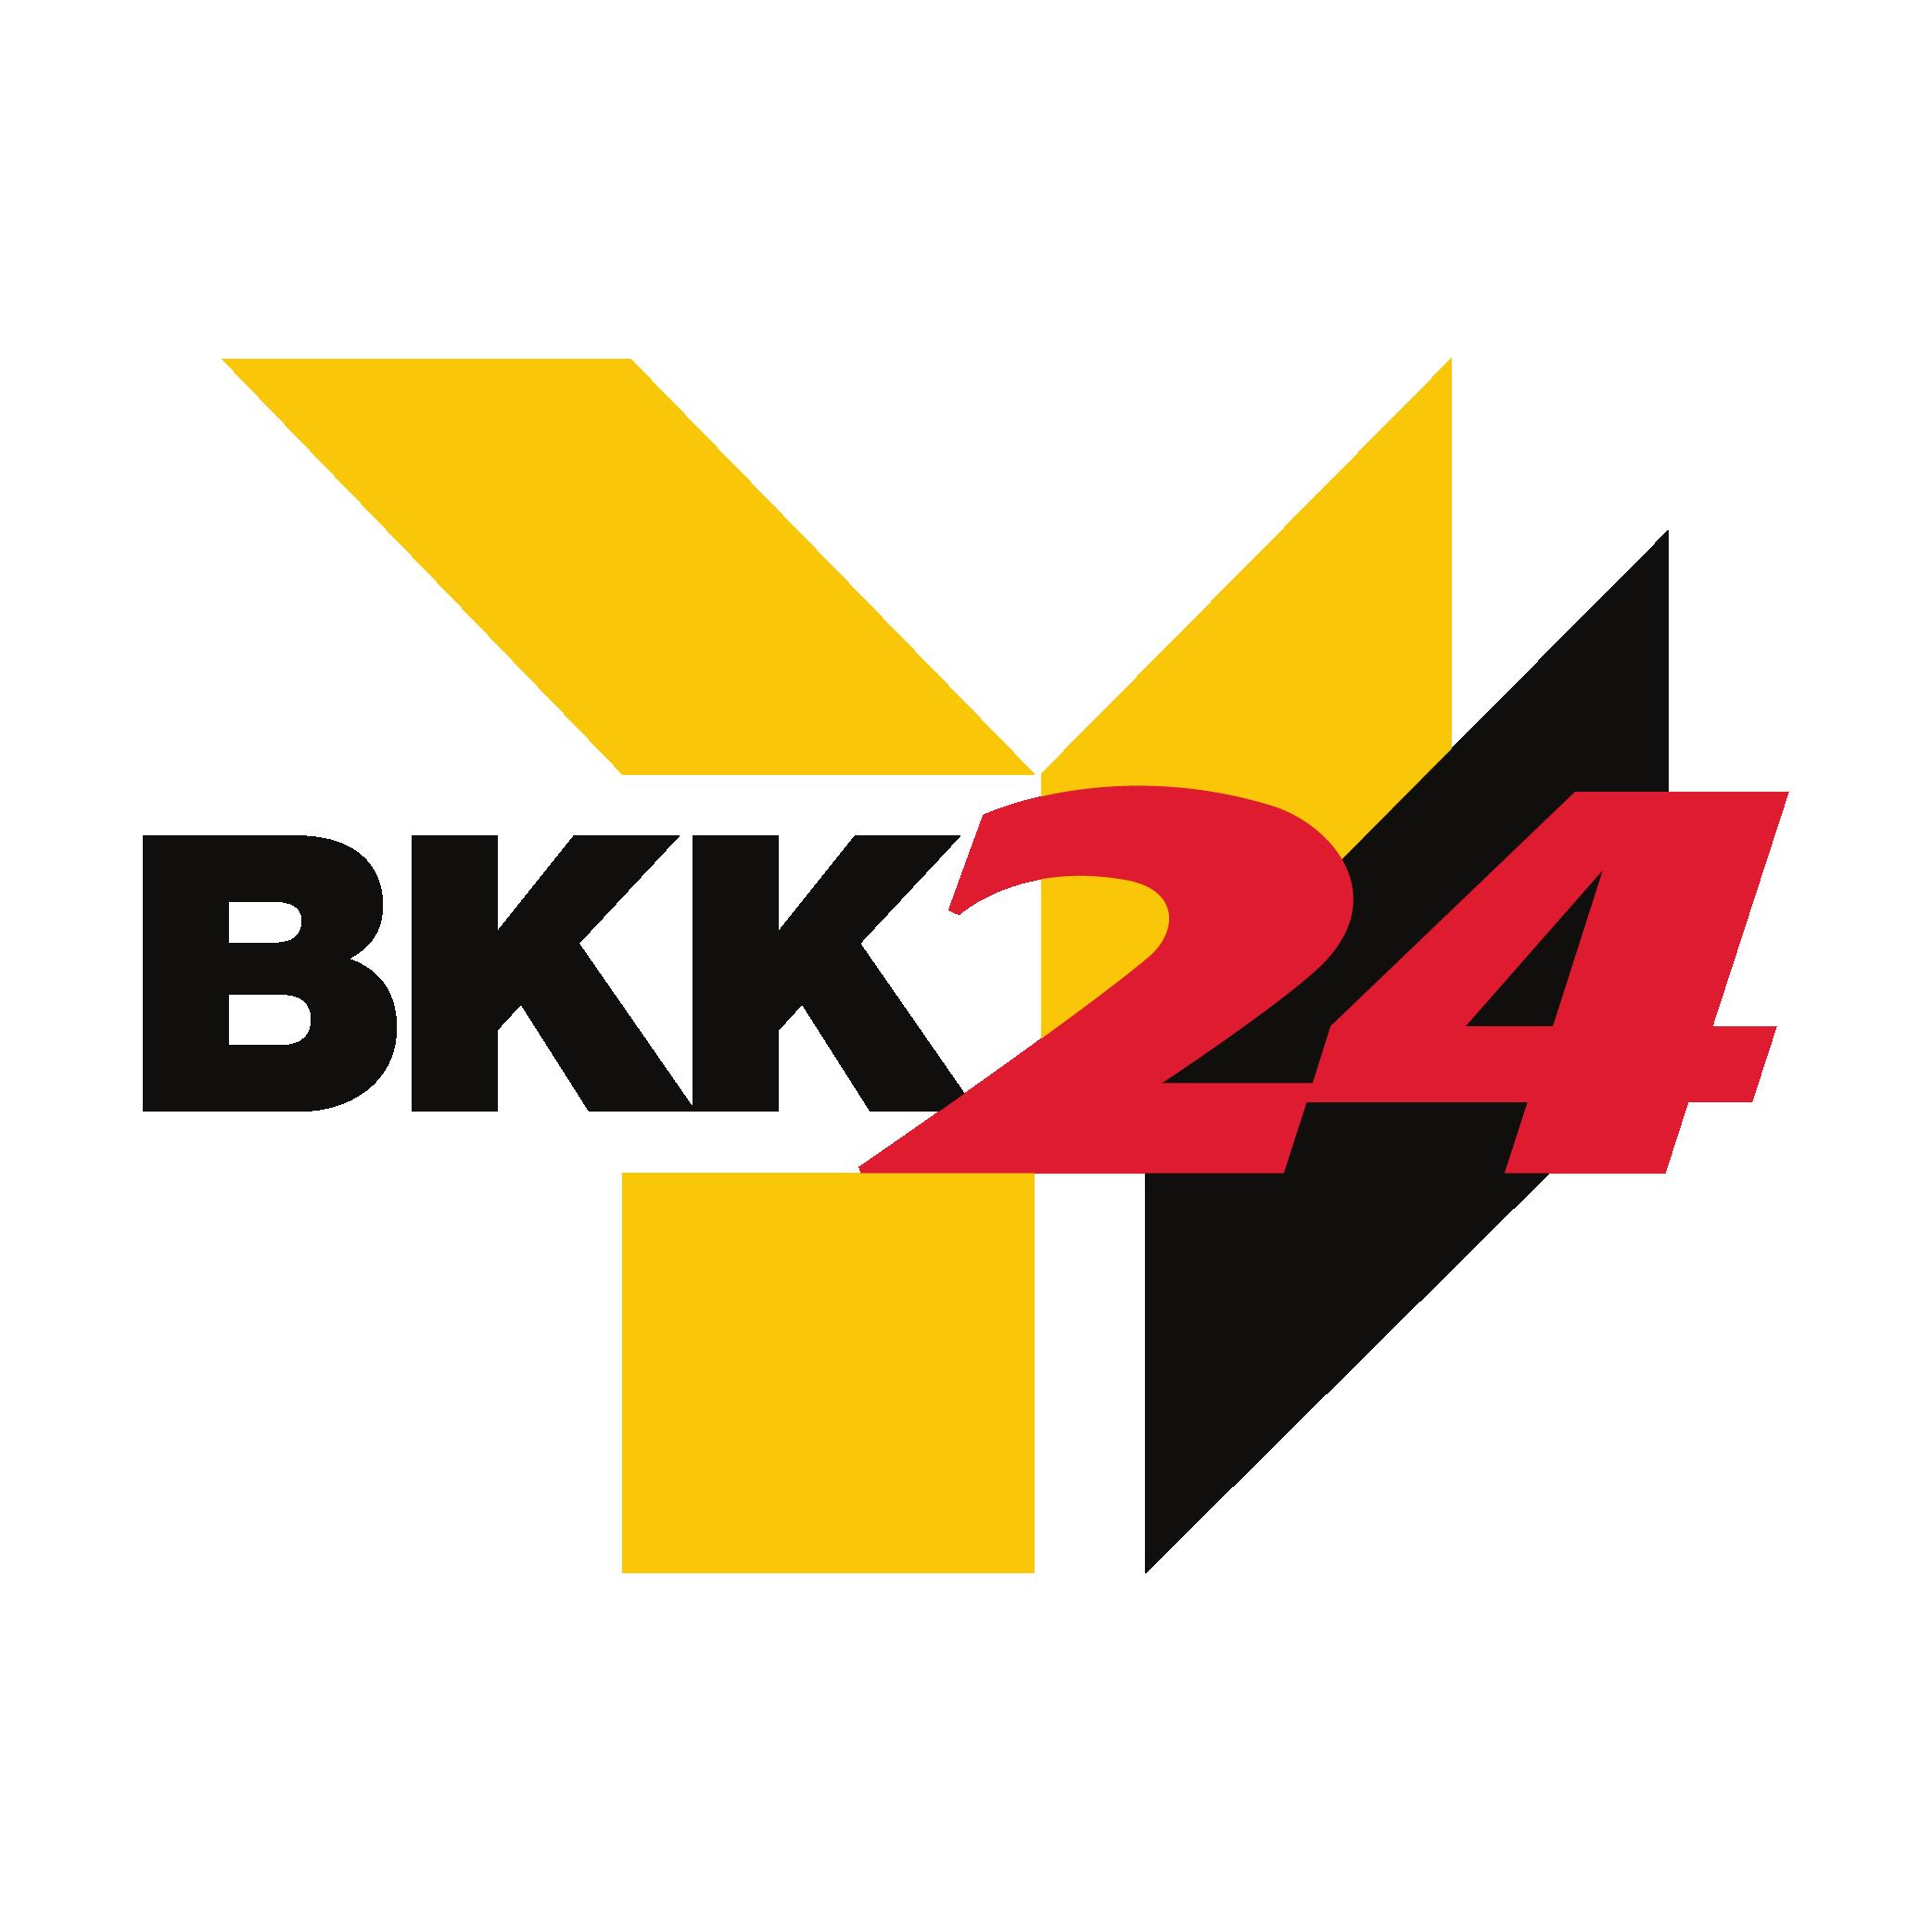 Markenzeichen der BKK24